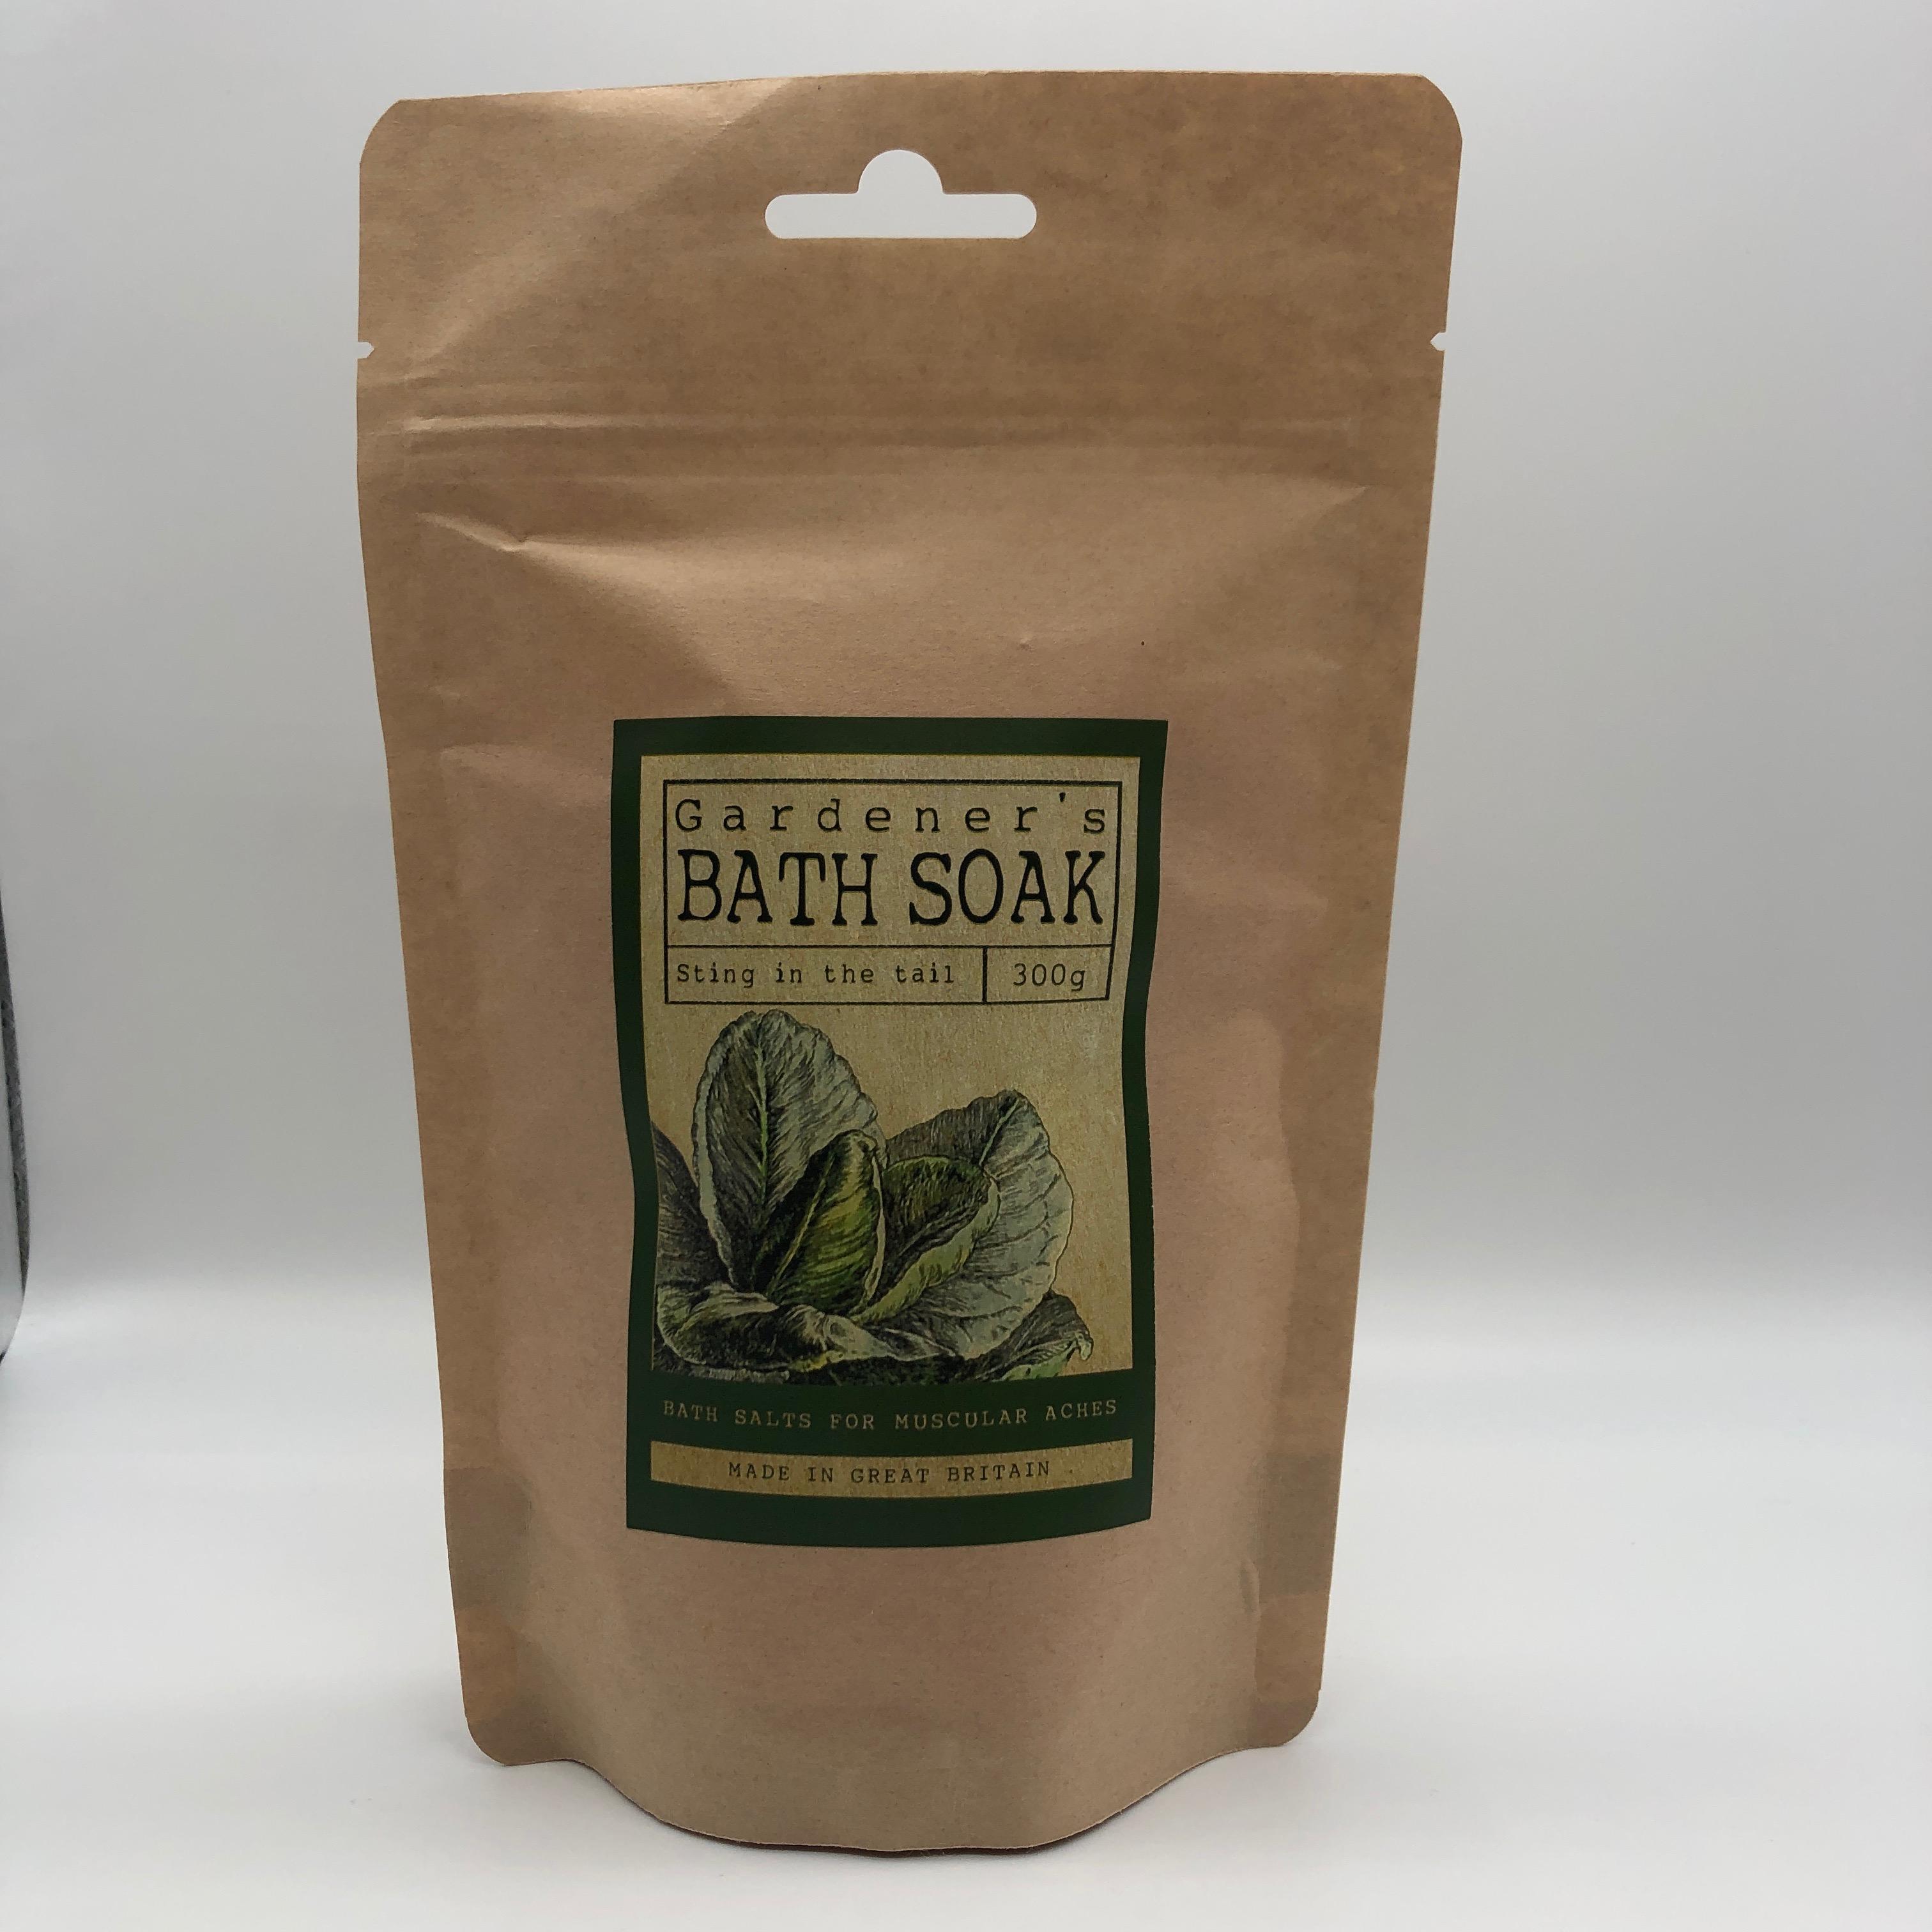 Gardener's Bath Soak